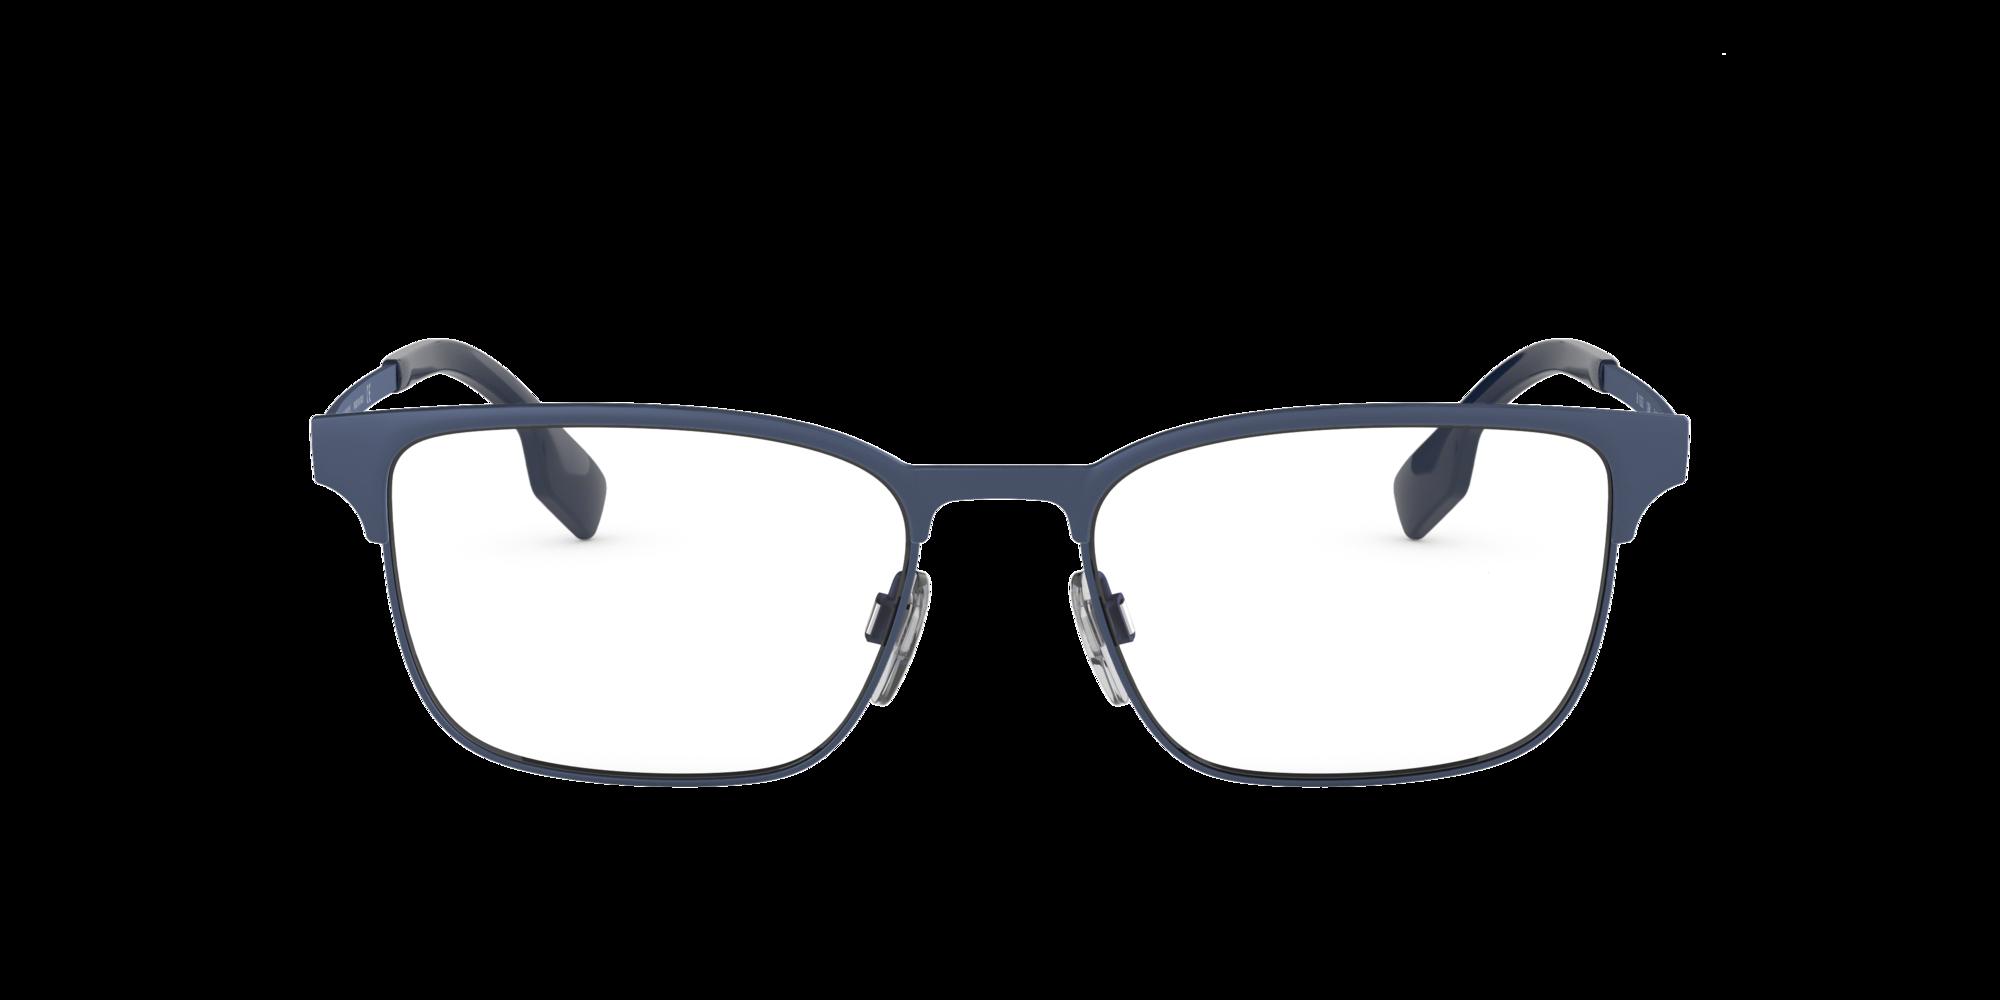 Imagen para BE1332 de LensCrafters |  Espejuelos, espejuelos graduados en línea, gafas